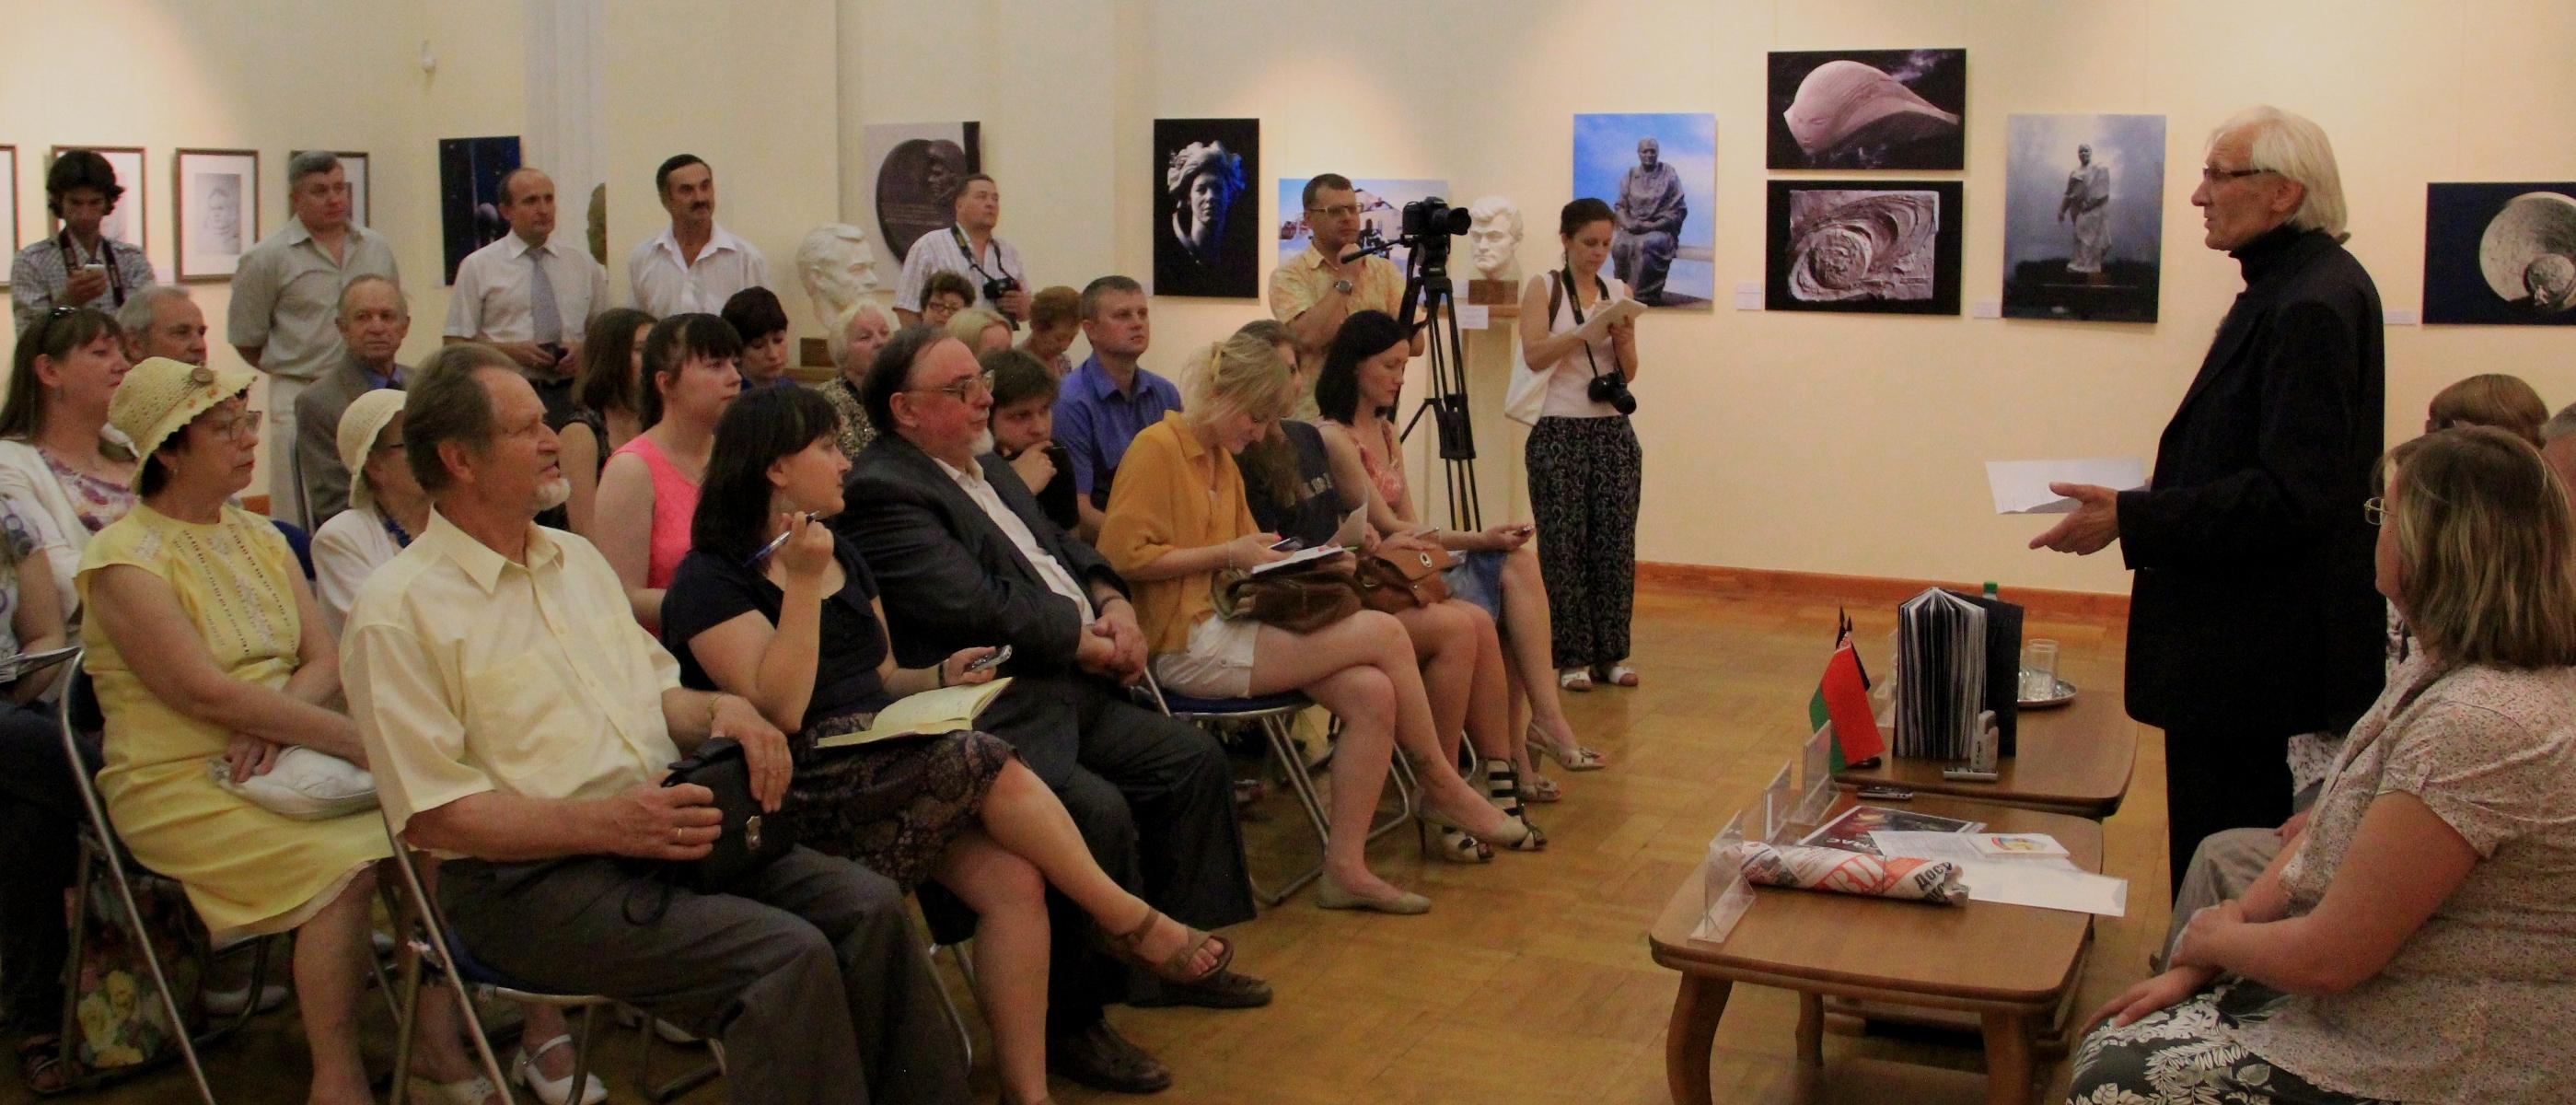 Состоялась презентация альбома «Иван Миско. Скульптура»